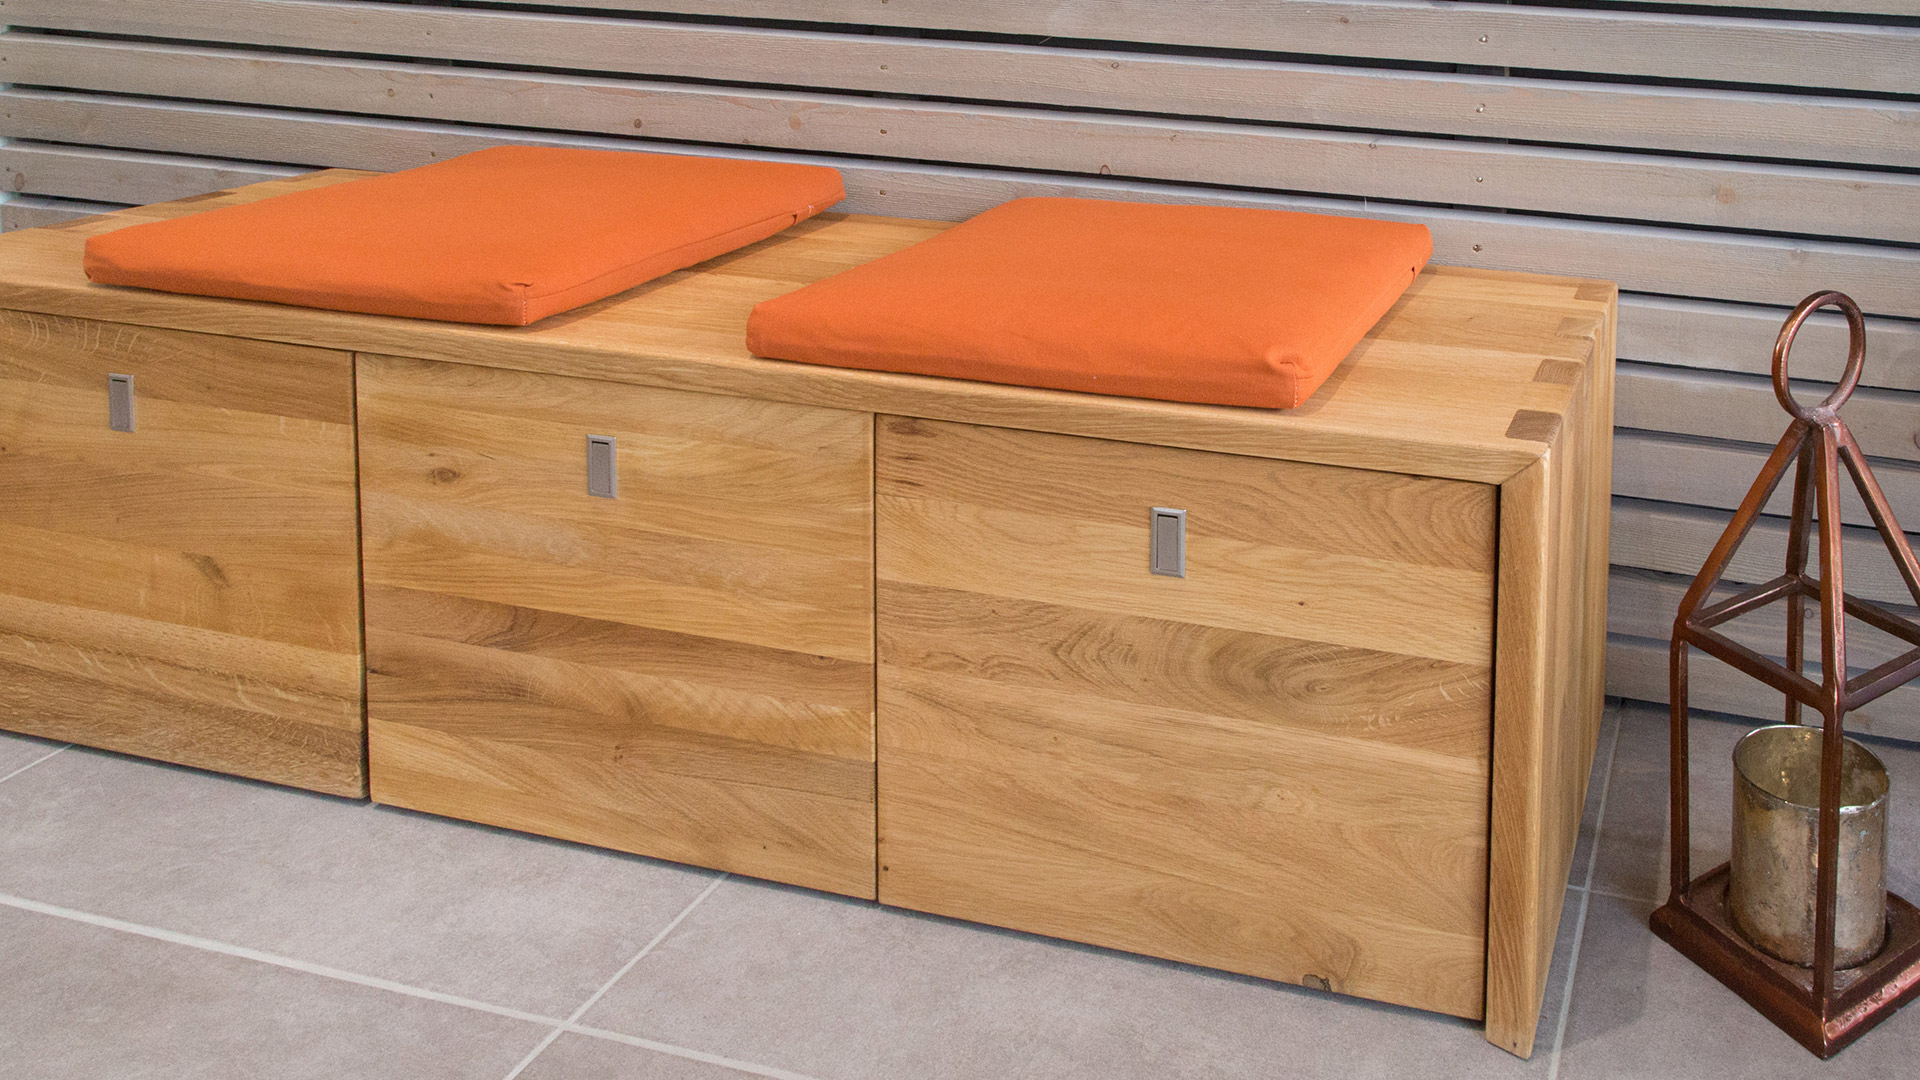 bettdecken platzsparend verstauen ikea schlafzimmer. Black Bedroom Furniture Sets. Home Design Ideas